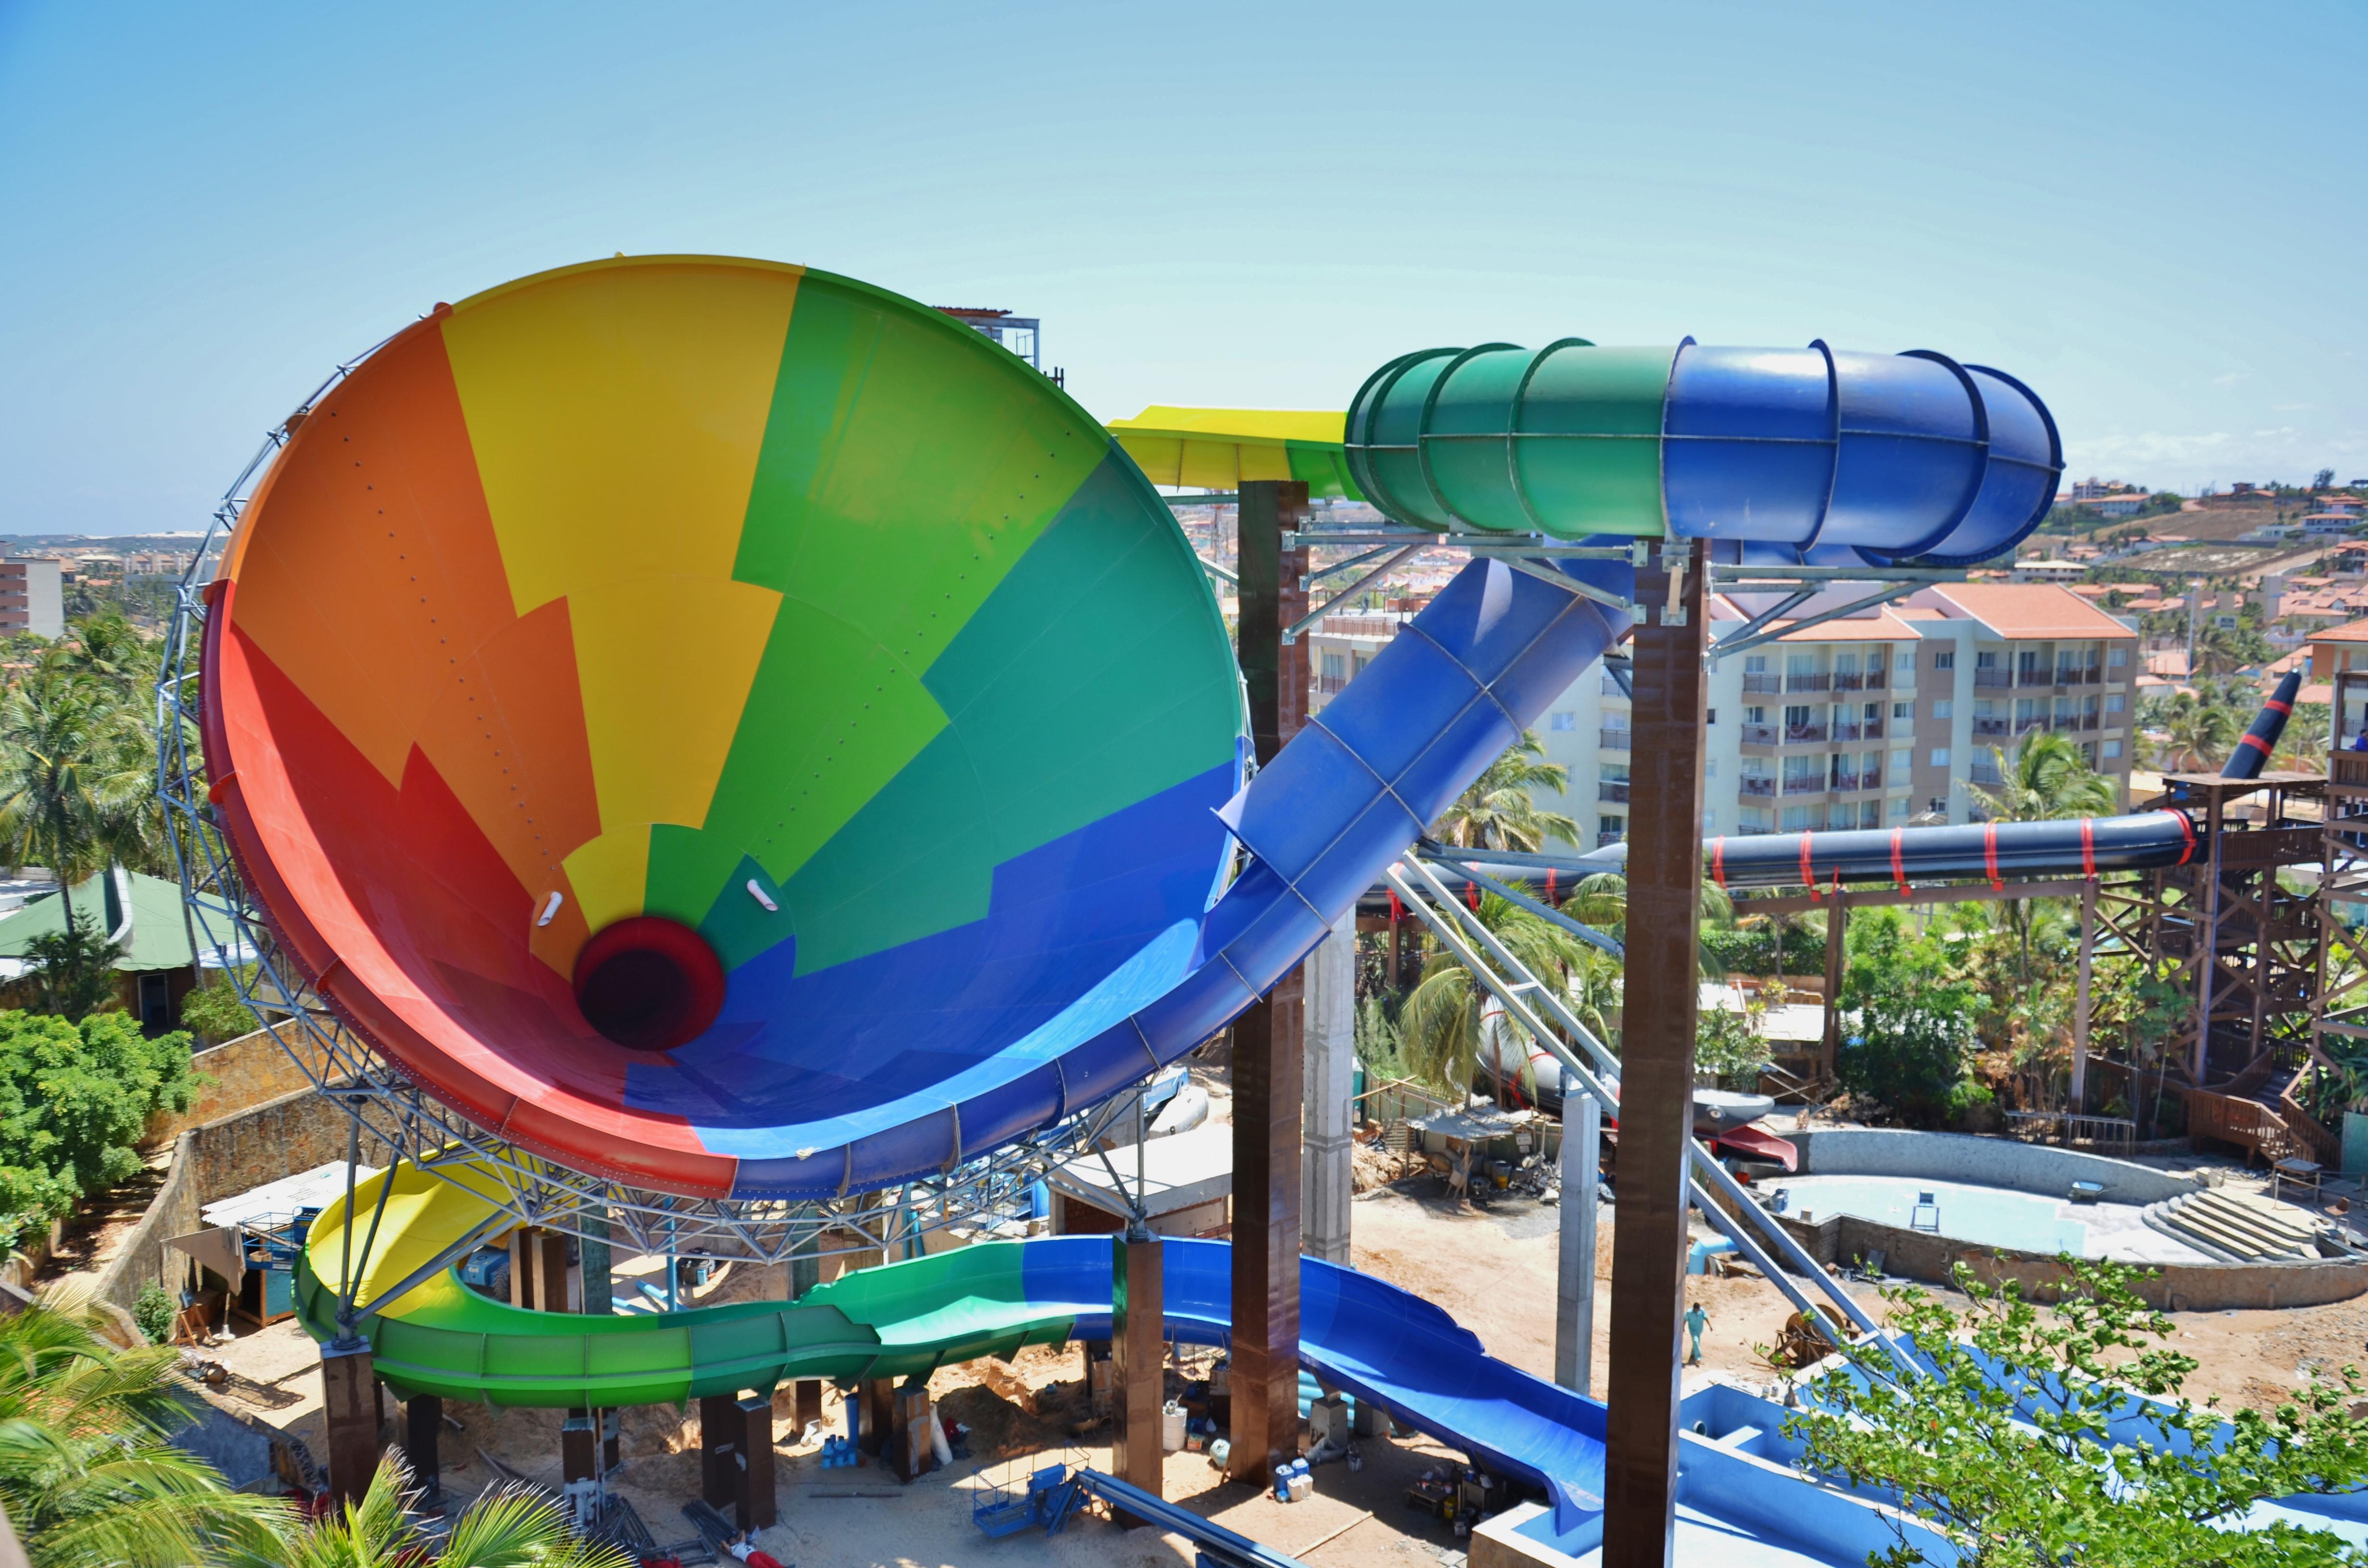 Beach Park comemora 30 anos com inauguração de novo brinquedo